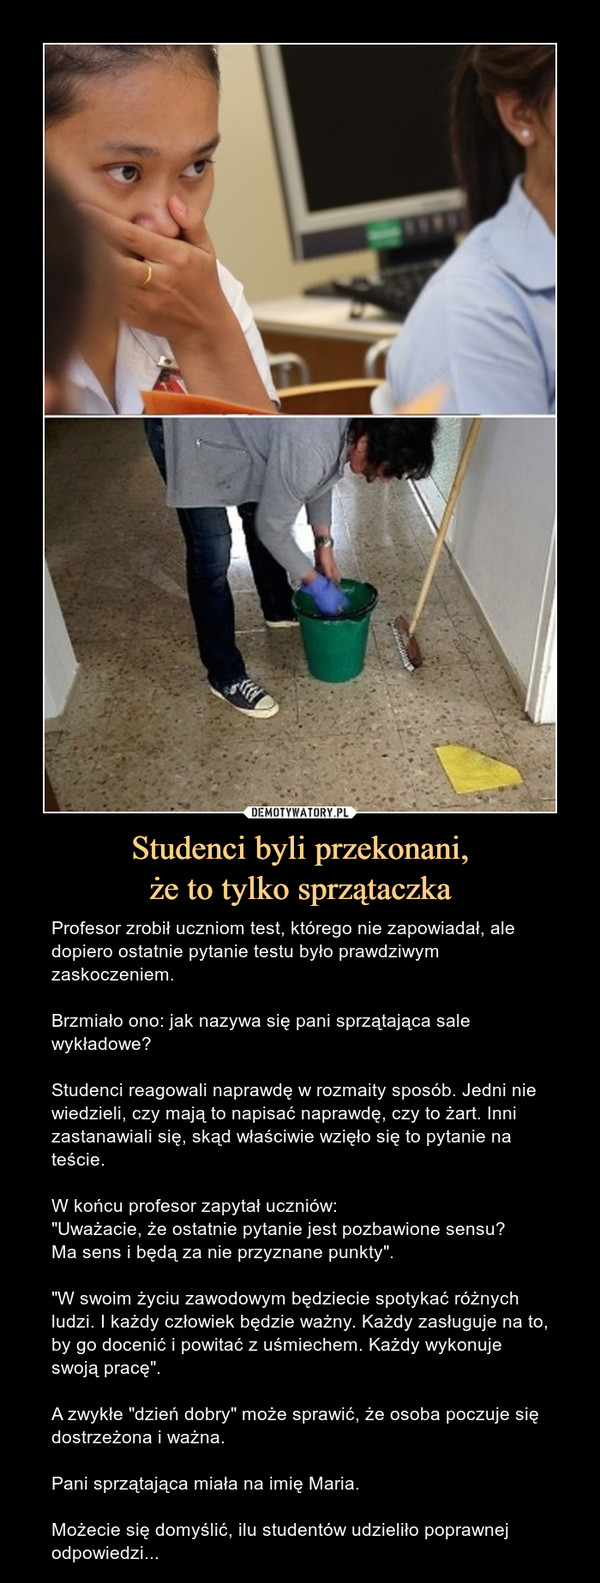 """Studenci byli przekonani,że to tylko sprzątaczka – Profesor zrobił uczniom test, którego nie zapowiadał, ale dopiero ostatnie pytanie testu było prawdziwym zaskoczeniem.Brzmiało ono: jak nazywa się pani sprzątająca sale wykładowe?Studenci reagowali naprawdę w rozmaity sposób. Jedni nie wiedzieli, czy mają to napisać naprawdę, czy to żart. Inni zastanawiali się, skąd właściwie wzięło się to pytanie na teście.W końcu profesor zapytał uczniów:""""Uważacie, że ostatnie pytanie jest pozbawione sensu? Ma sens i będą za nie przyznane punkty"""".""""W swoim życiu zawodowym będziecie spotykać różnych ludzi. I każdy człowiek będzie ważny. Każdy zasługuje na to, by go docenić i powitać z uśmiechem. Każdy wykonuje swoją pracę"""".A zwykłe """"dzień dobry"""" może sprawić, że osoba poczuje się dostrzeżona i ważna. Pani sprzątająca miała na imię Maria.Możecie się domyślić, ilu studentów udzieliło poprawnej odpowiedzi... Profesor zrobił uczniom test, którego nie zapowiadał, ale dopiero ostatnie pytanie testu było prawdziwym zaskoczeniem.Brzmiało ono: jak nazywa się pani sprzątająca sale wykładowe?Studenci reagowali naprawdę w rozmaity sposób. Jedni nie wiedzieli, czy mają to napisać naprawdę, czy to żart. Inni zastanawiali się, skąd właściwie wzięło się to pytanie na teście.W końcu profesor zapytał uczniów:""""Uważacie, że ostatnie pytanie jest pozbawione sensu? Ma sens i będą za nie przyznane punkty"""".""""W swoim życiu zawodowym będziecie spotykać różnych ludzi. I każdy człowiek będzie ważny. Każdy zasługuje na to, by go docenić i powitać z uśmiechem. Każdy wykonuje swoją pracę"""".A zwykłe """"dzień dobry"""" może sprawić, że osoba poczuje się dostrzeżona i ważna. Pani sprzątająca miała na imię Maria.Możecie się domyślić, ilu studentów udzieliło poprawnej odpowiedzi..."""